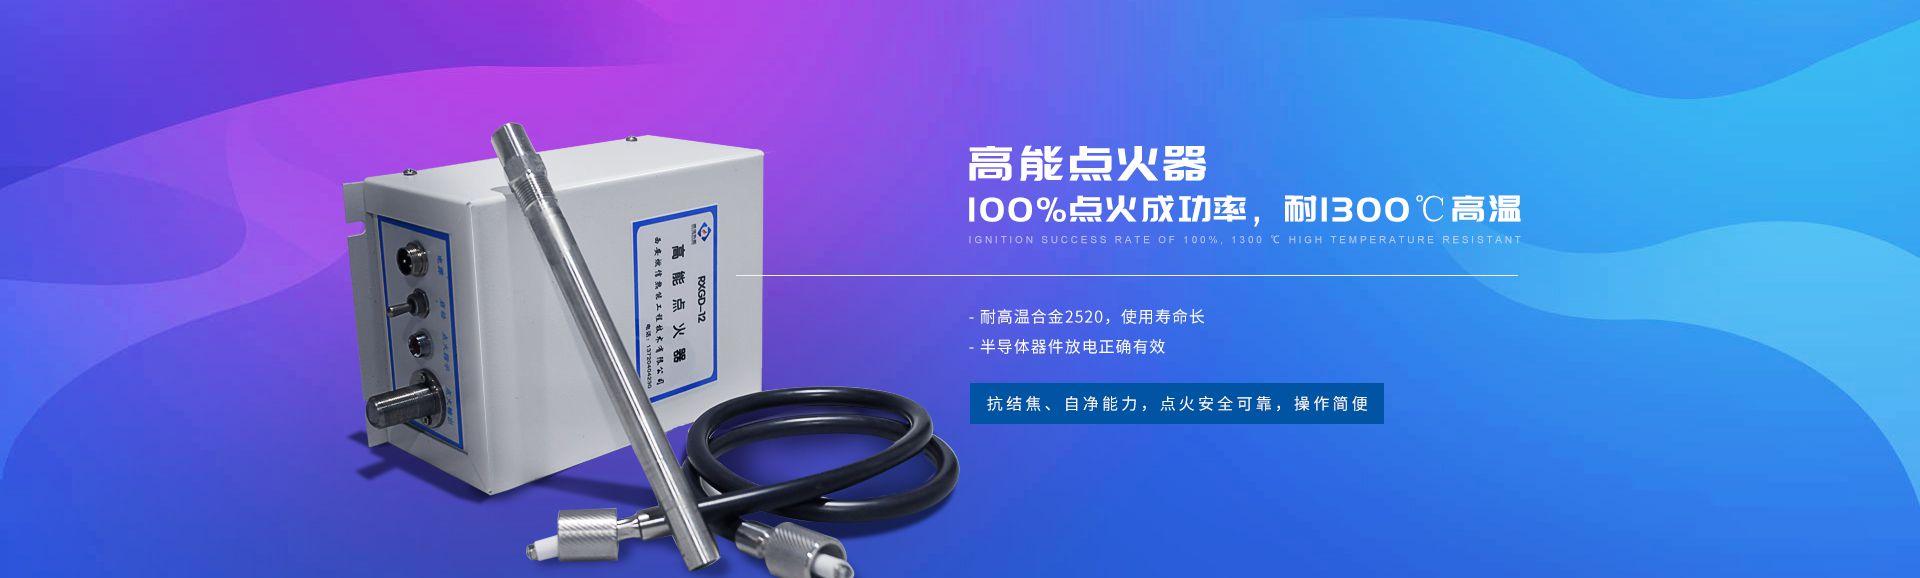 西安燃信热能工程技术有限公司